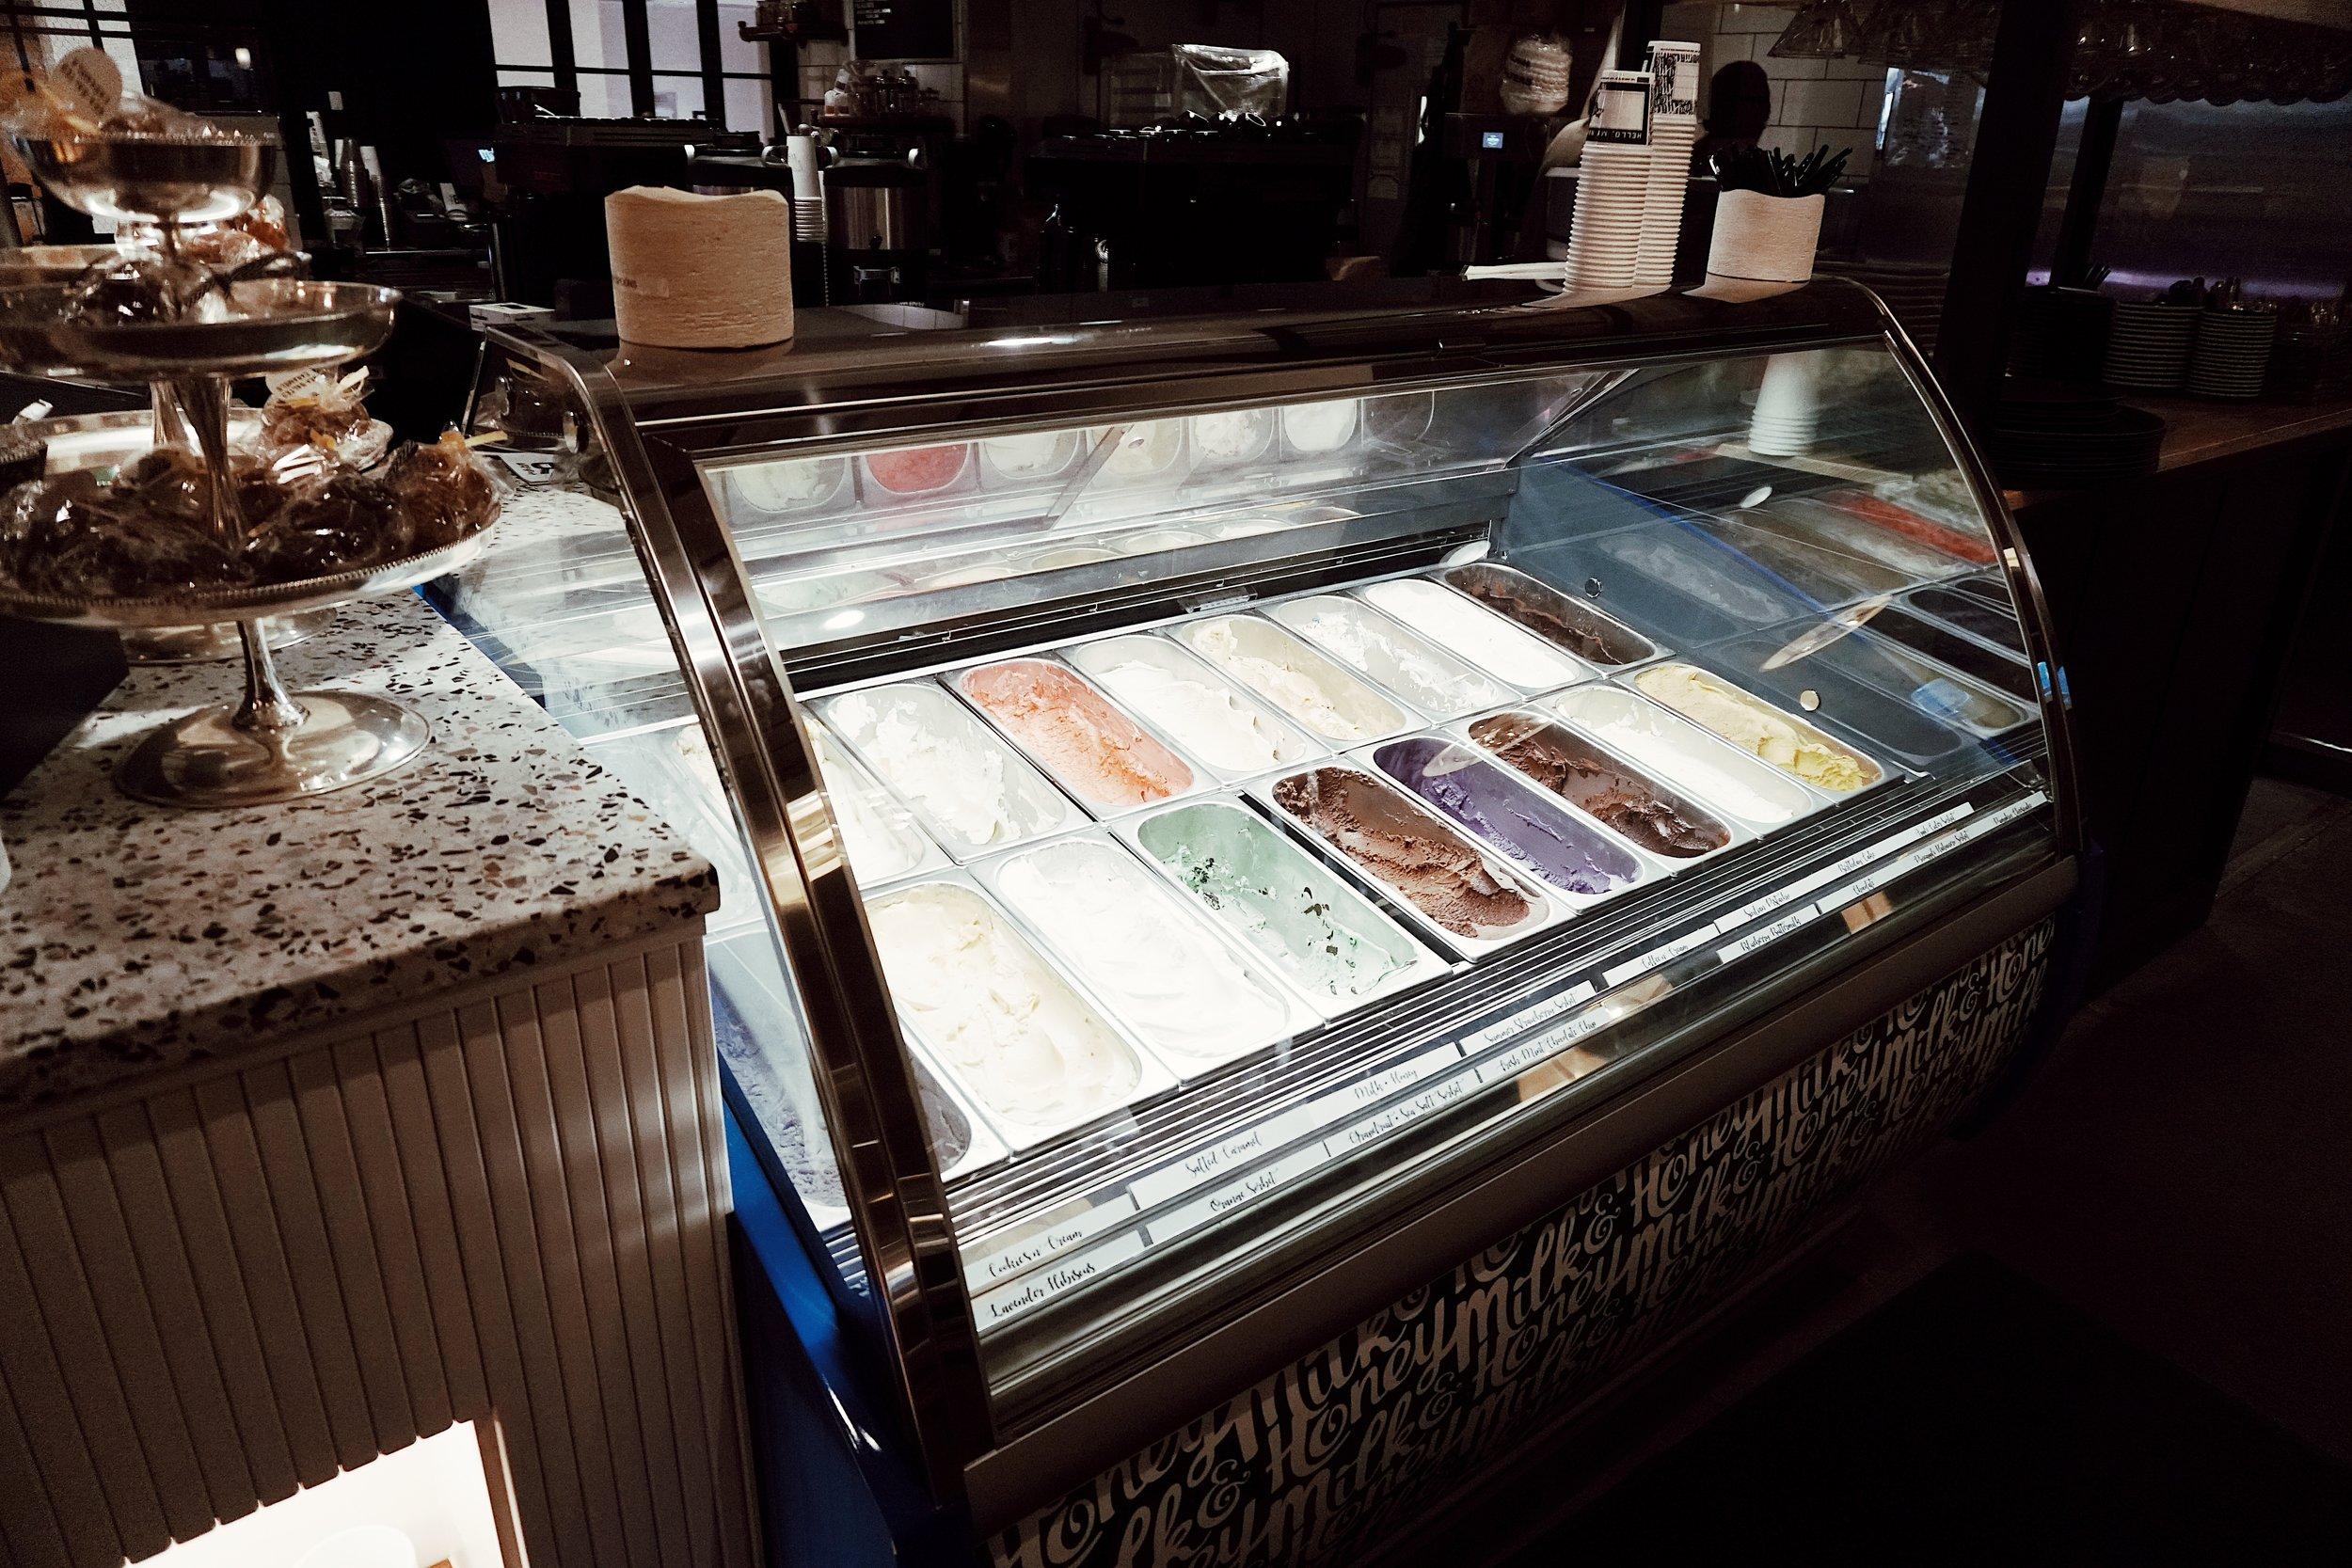 gelati-dessert-nashville-tennessee-milk-and-honey.jpg